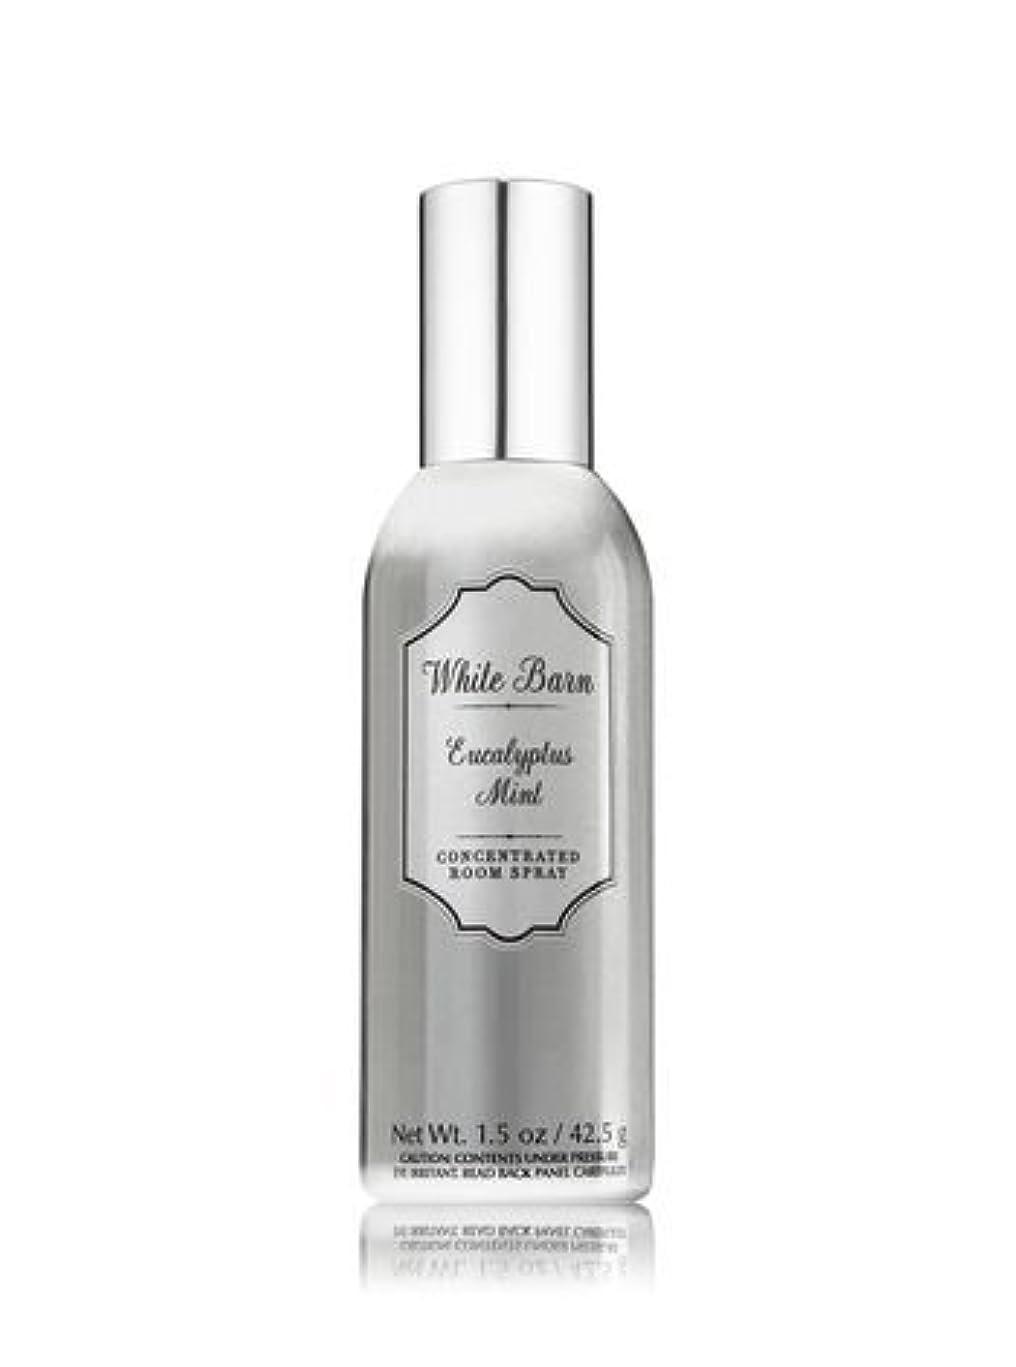 報いる雇った特別な【Bath&Body Works/バス&ボディワークス】 ルームスプレー ユーカリミント 1.5 oz. Concentrated Room Spray/Room Perfume Eucalyptus Mint [並行輸入品]